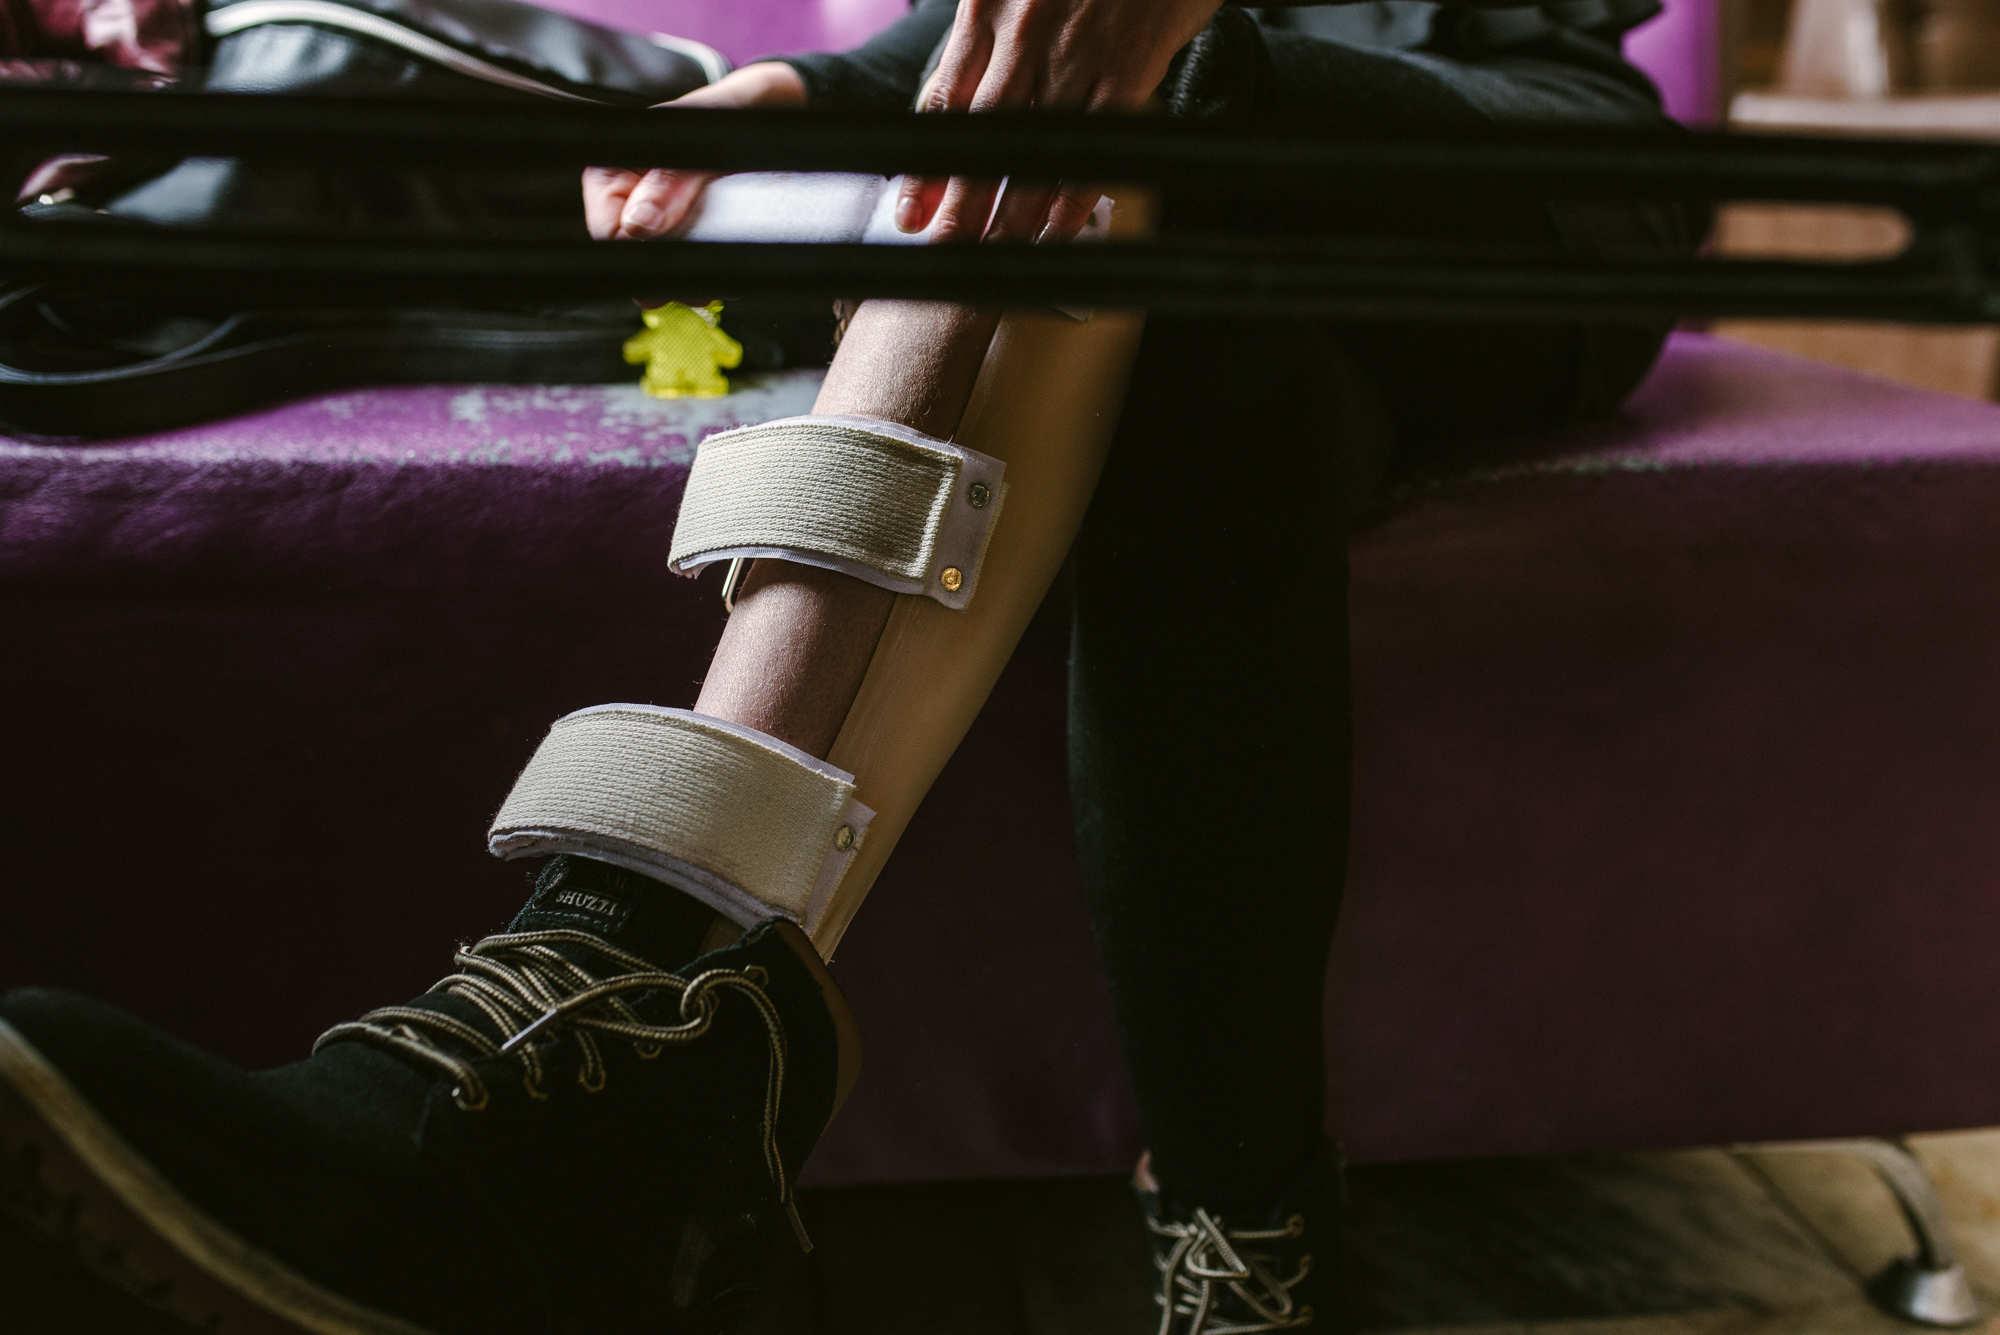 На ноге у Алеси — специальный протез, чтобы было проще ходить и чтобы походка была «как у всех людей»: «На данный момент мне очень тяжело и больно ходить — коксартроз в результате дисплазии двухсторонний. Была в РНПЦ травматологии и ортопедии, нужно оперировать, но нельзя потому, что эпилепсия. А ходить больше двух-трех часов в день не могу».